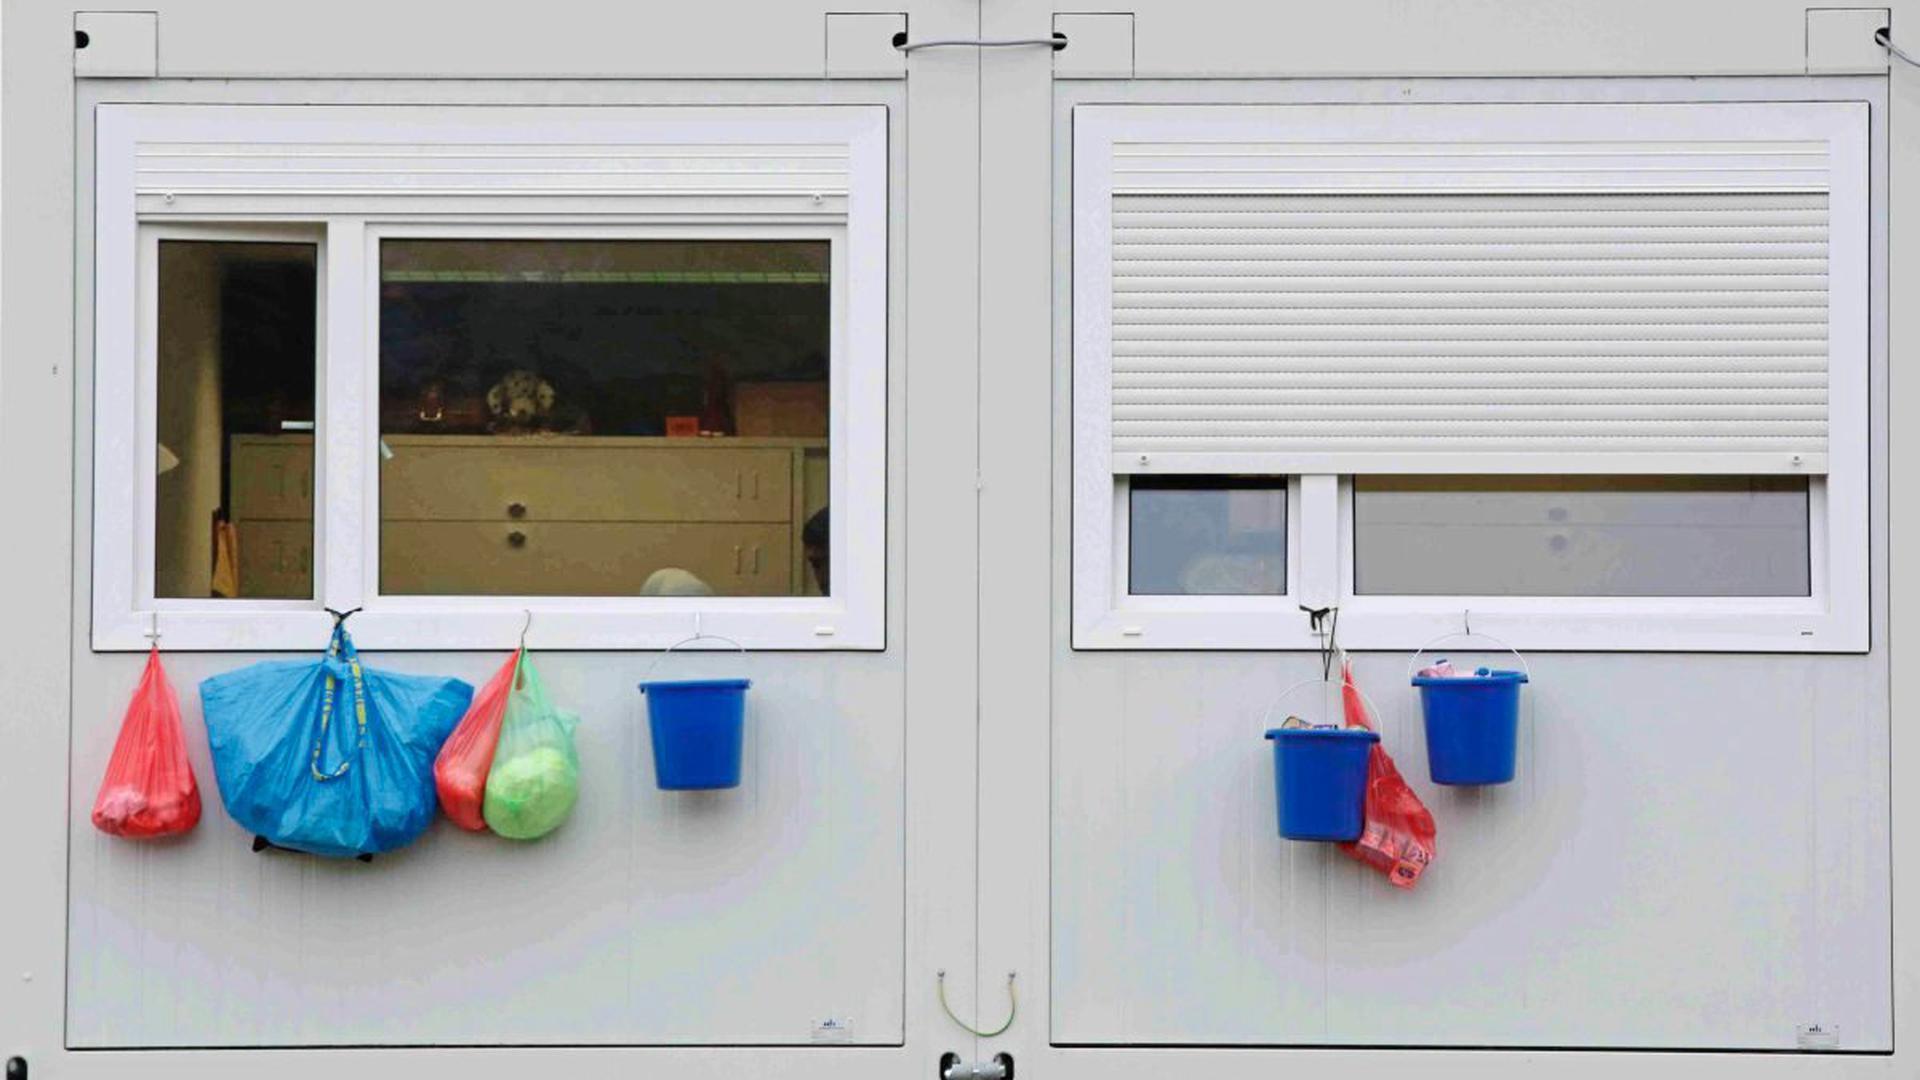 Wegen der Corona-Pandemie entstehen rund um Karlsruhe neue Einrichtungen für die Aufnahme und Unterbringung von Flüchtlingen (Symbolbild).